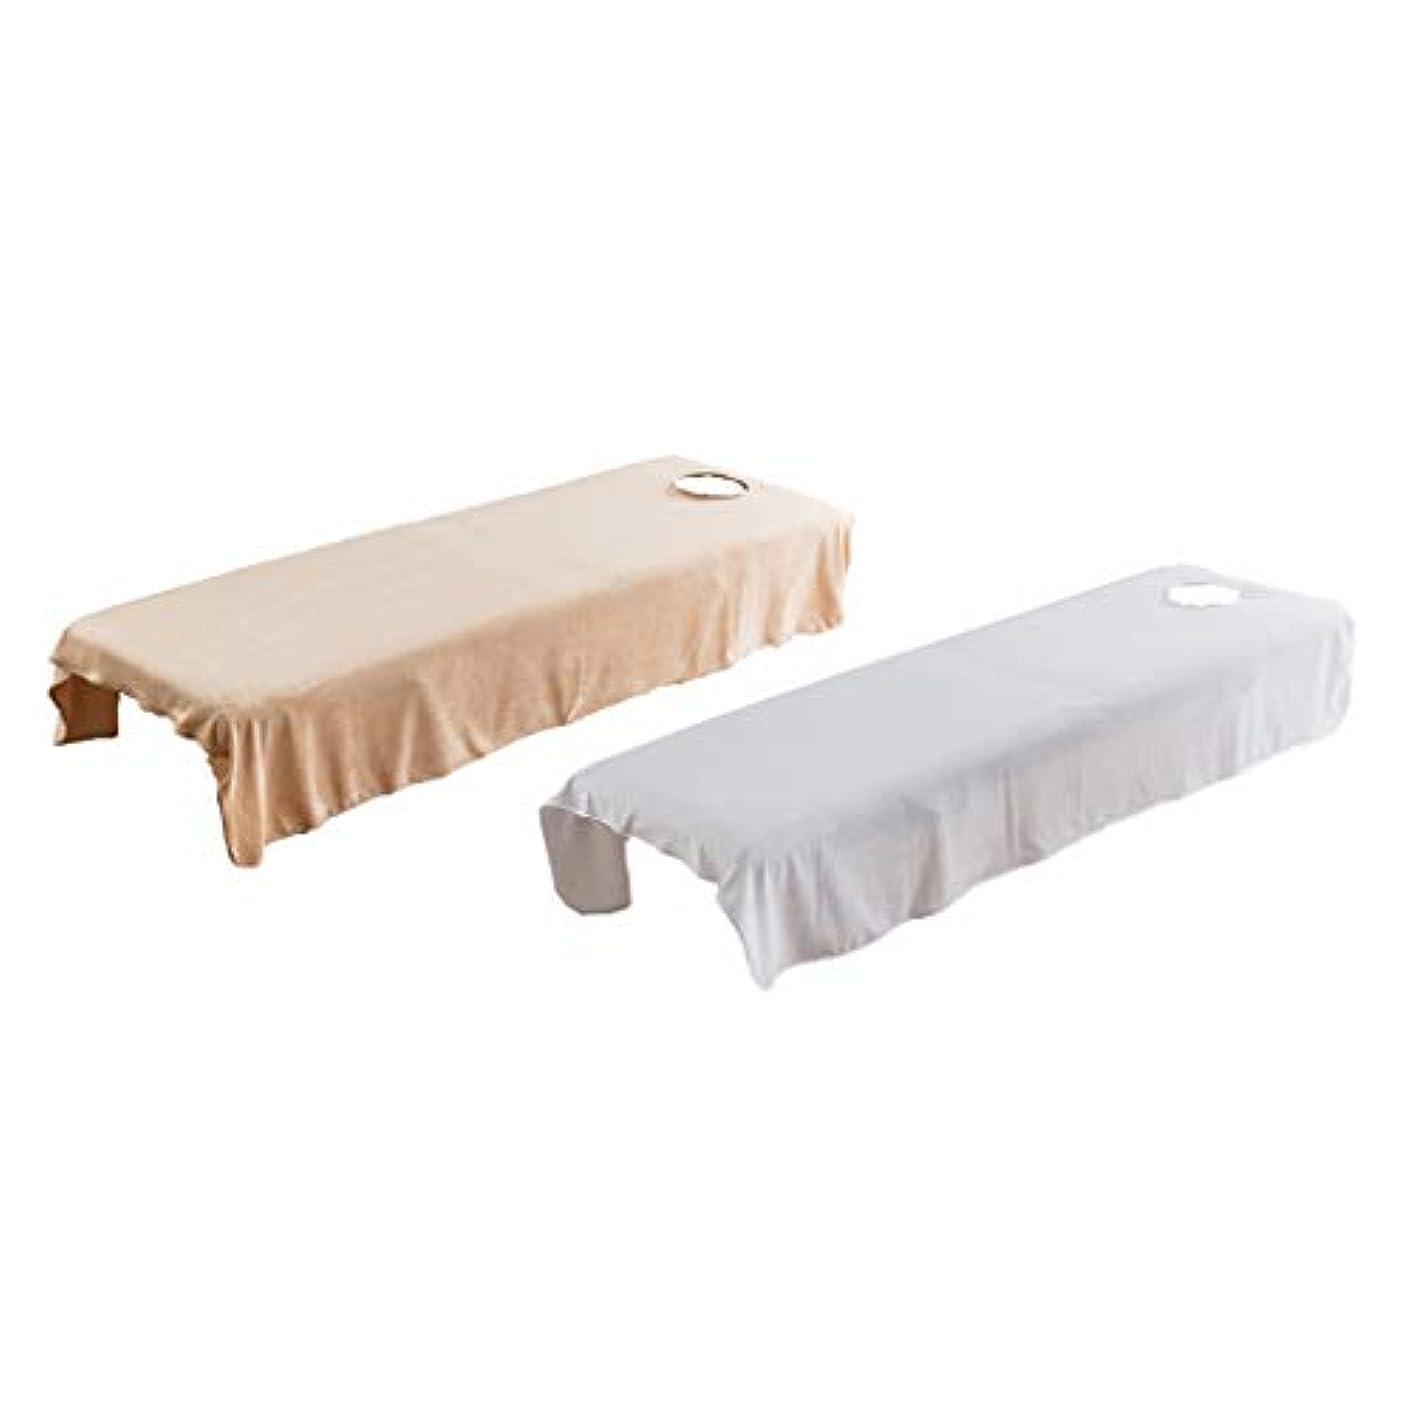 糞アルファベット奇跡マッサージベッドカバー 有孔 2枚 美容ベッドカバー スパ マッサージベッドスカート 2色セット